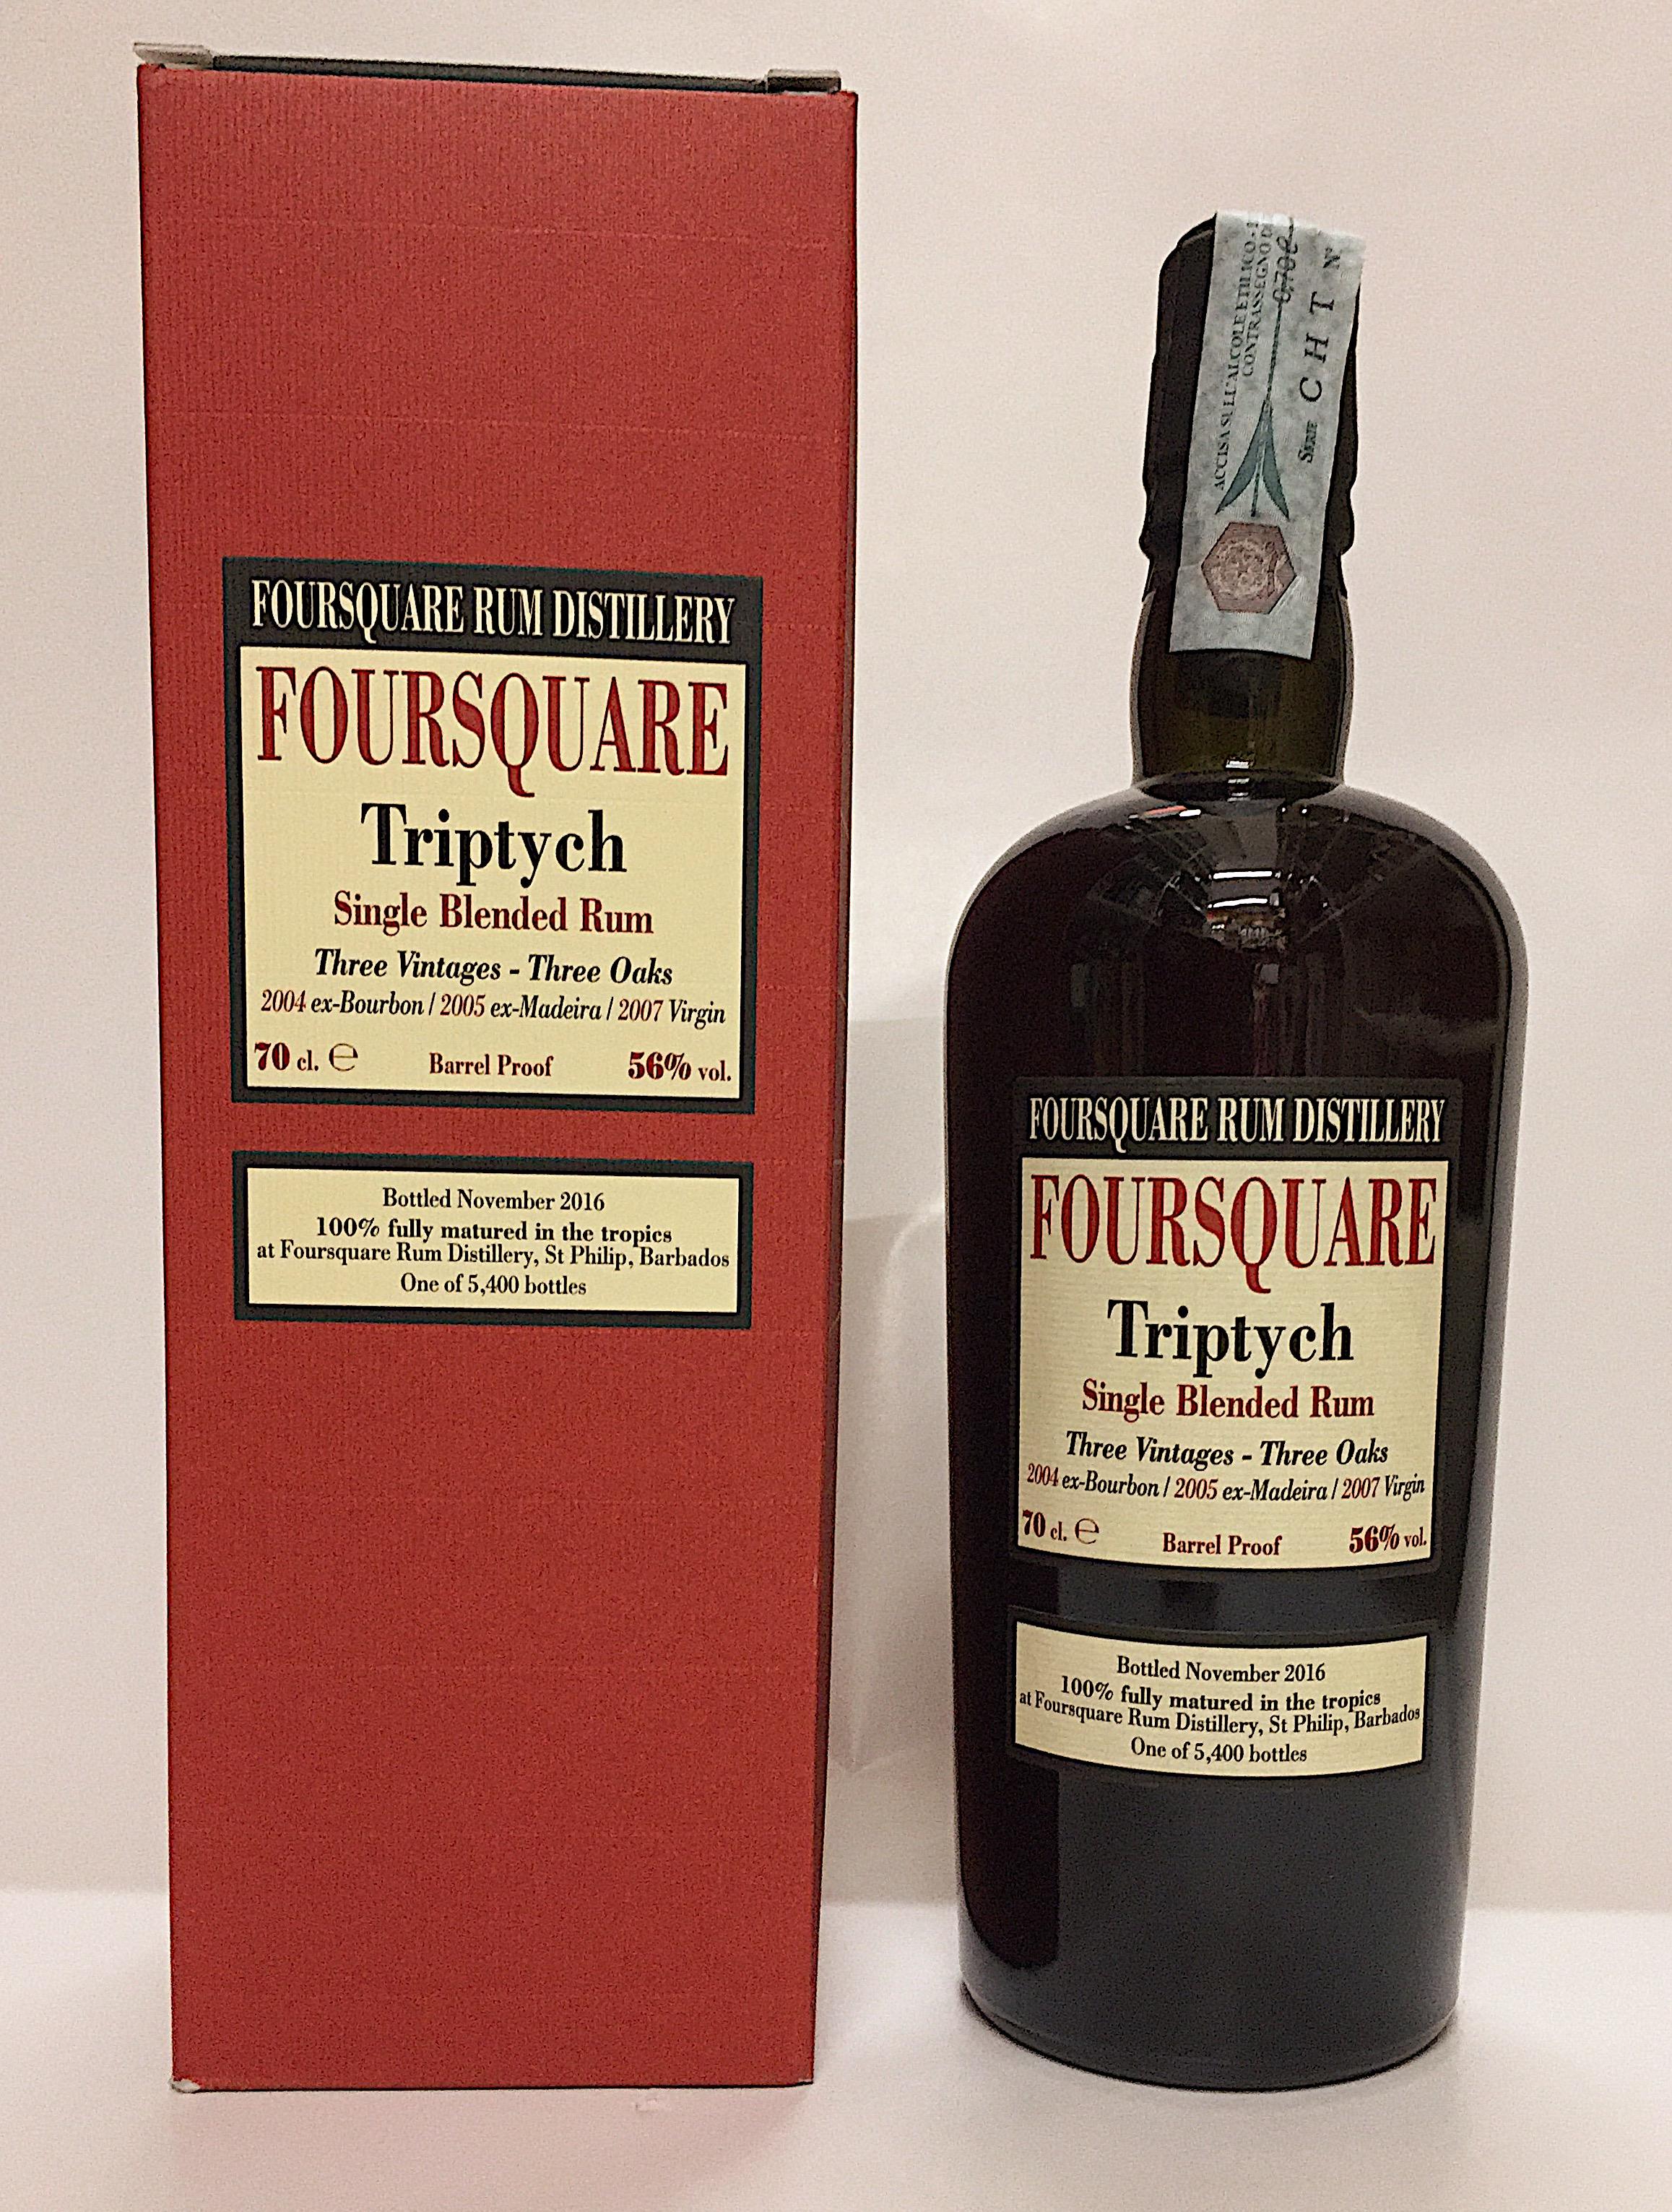 Rum Foursquare Triptych - Foursquare Rum Distillery- Barbados